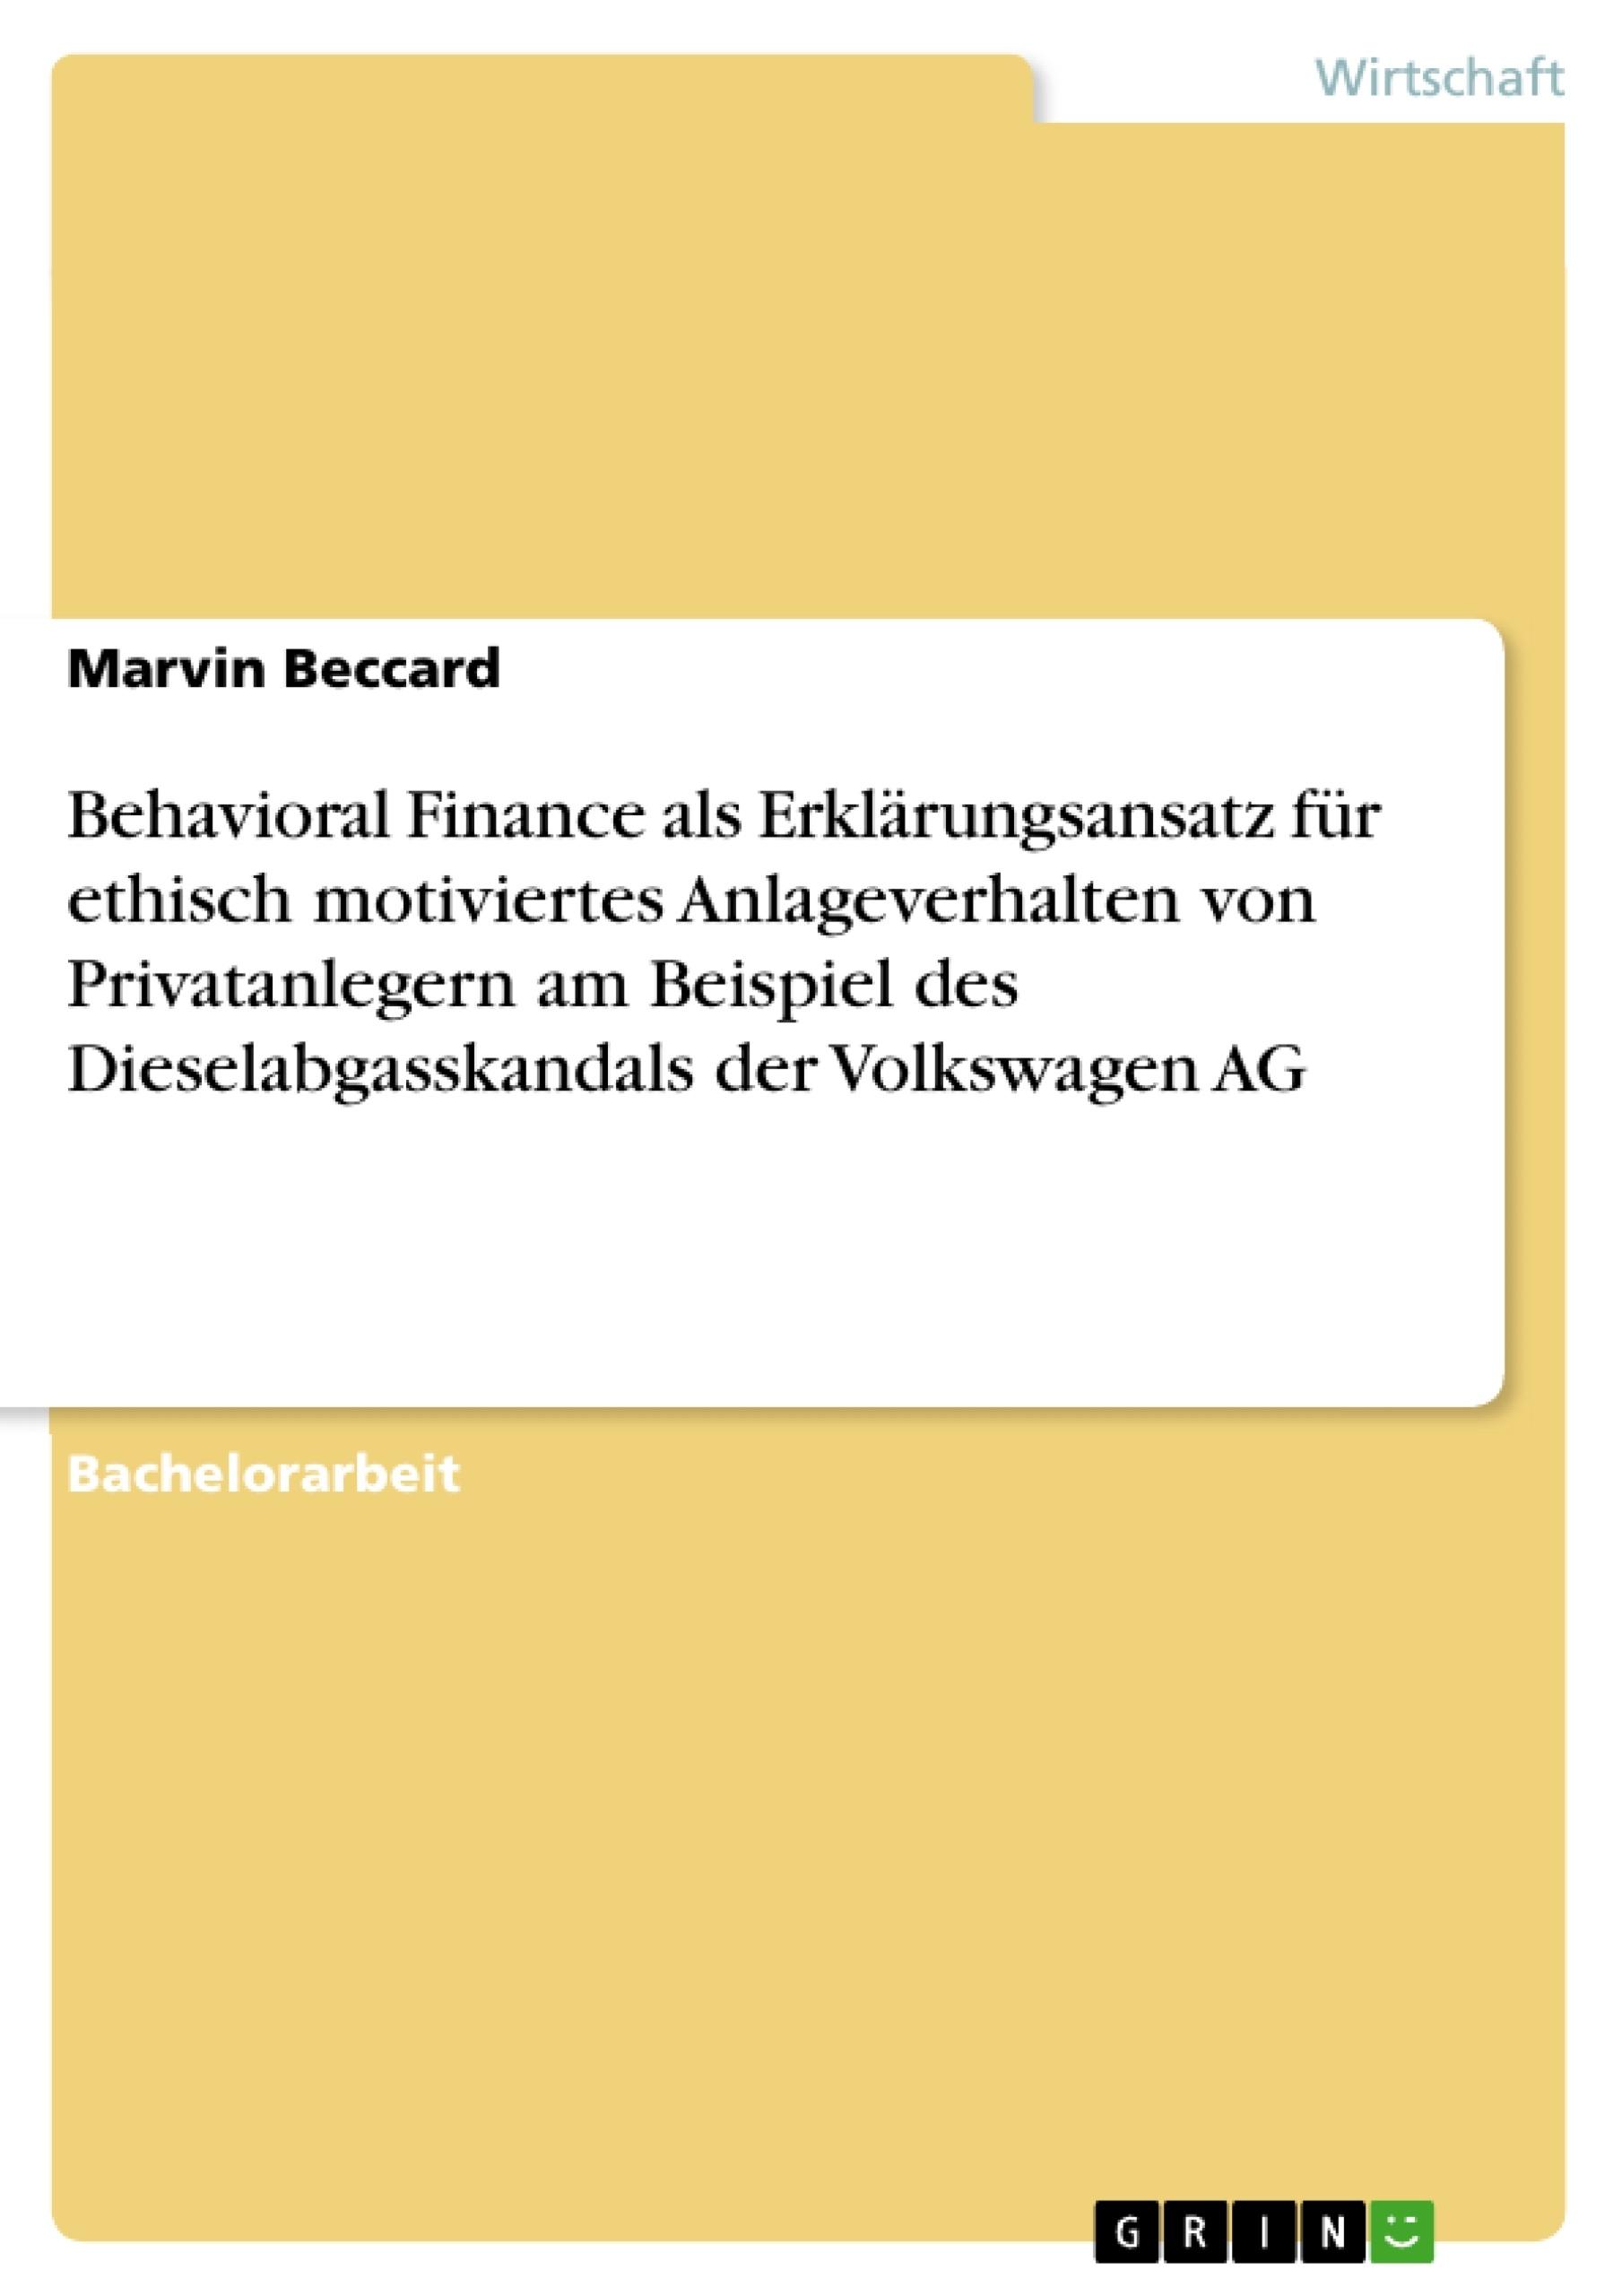 Titel: Behavioral Finance als Erklärungsansatz für ethisch motiviertes Anlageverhalten von Privatanlegern am Beispiel des Dieselabgasskandals der Volkswagen AG